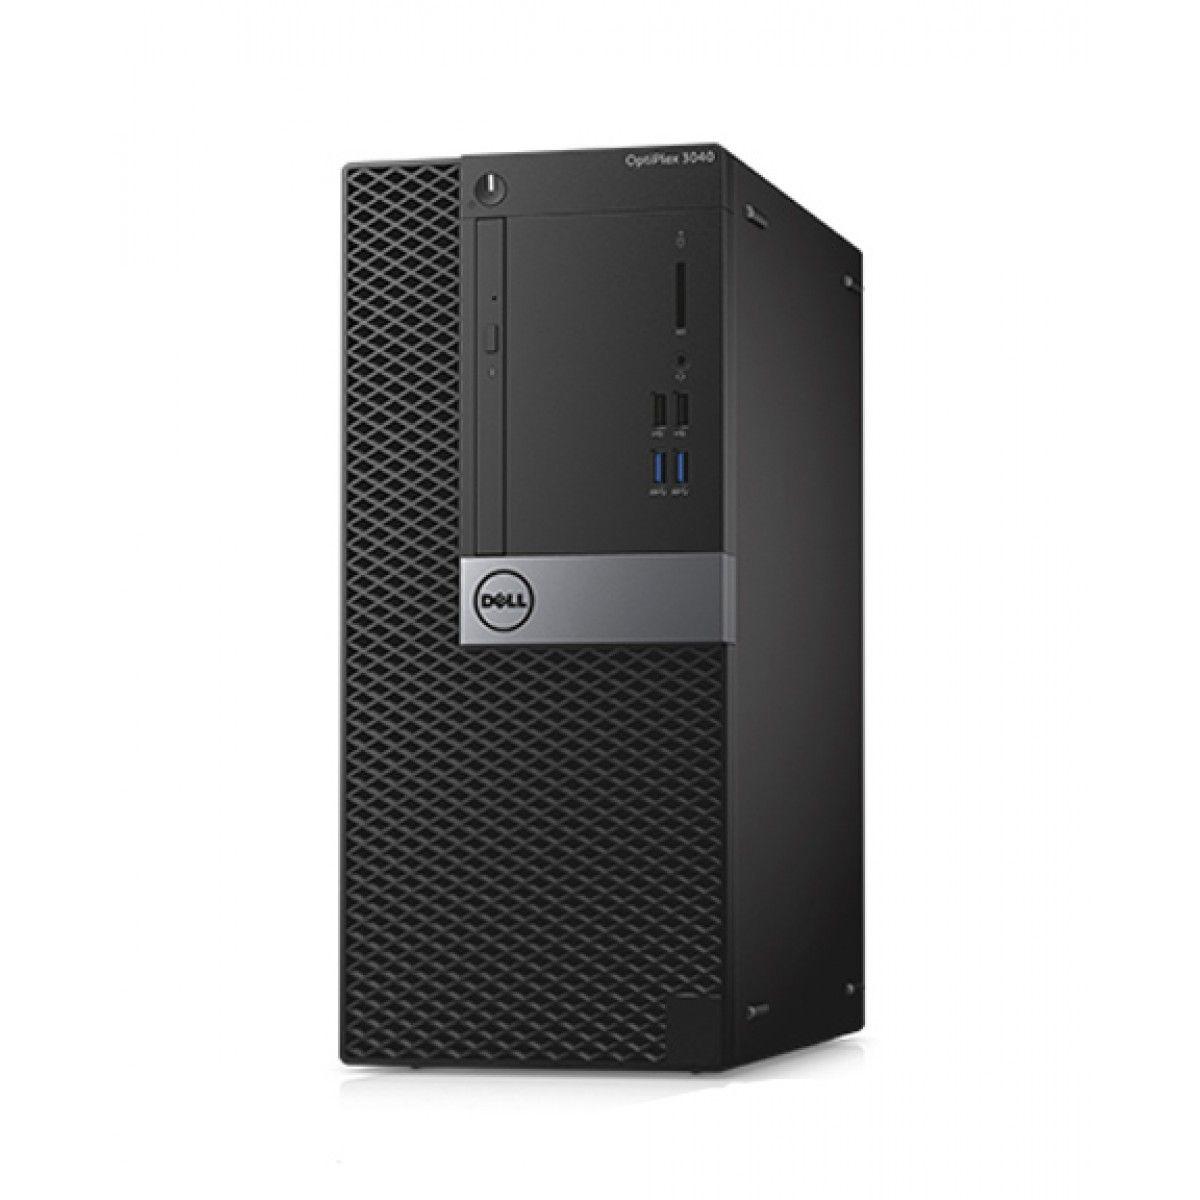 Dell OptiPlex 7040 Core i5 6th Gen Mini Tower PC